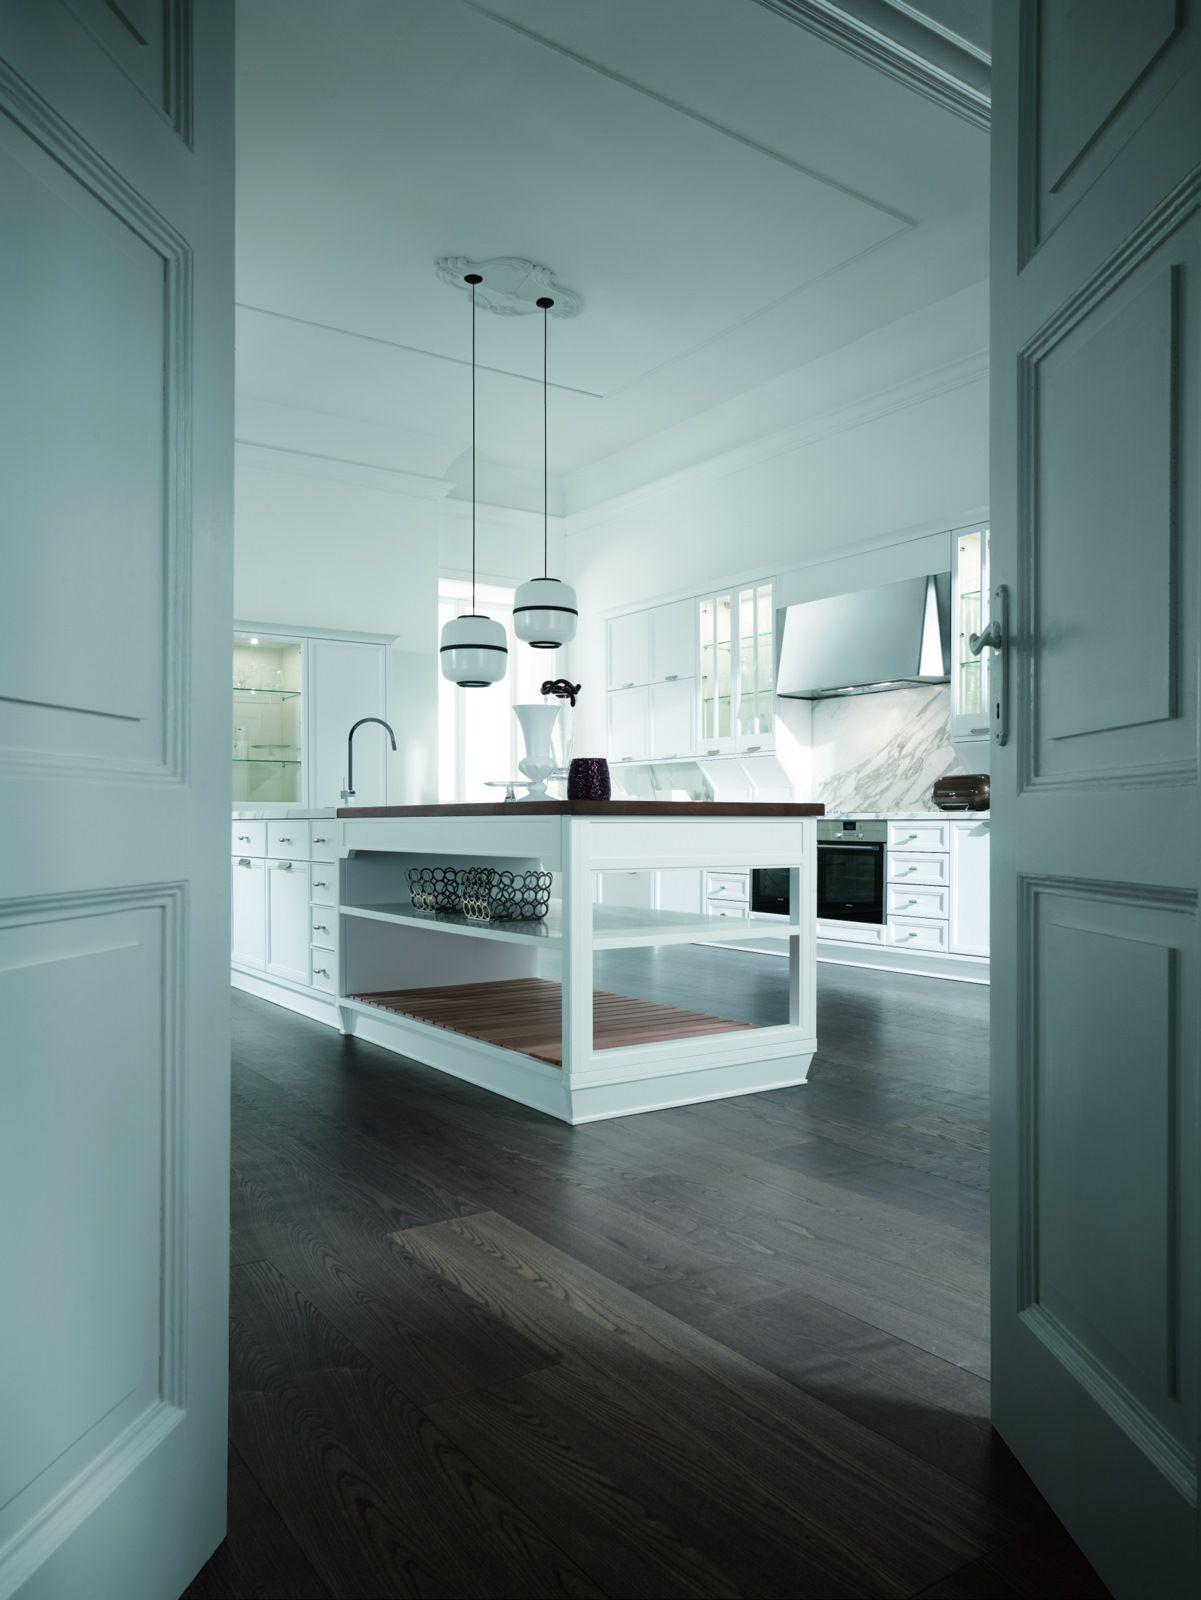 Avenue kitchen cabinets | Aster Cucine | Pinterest